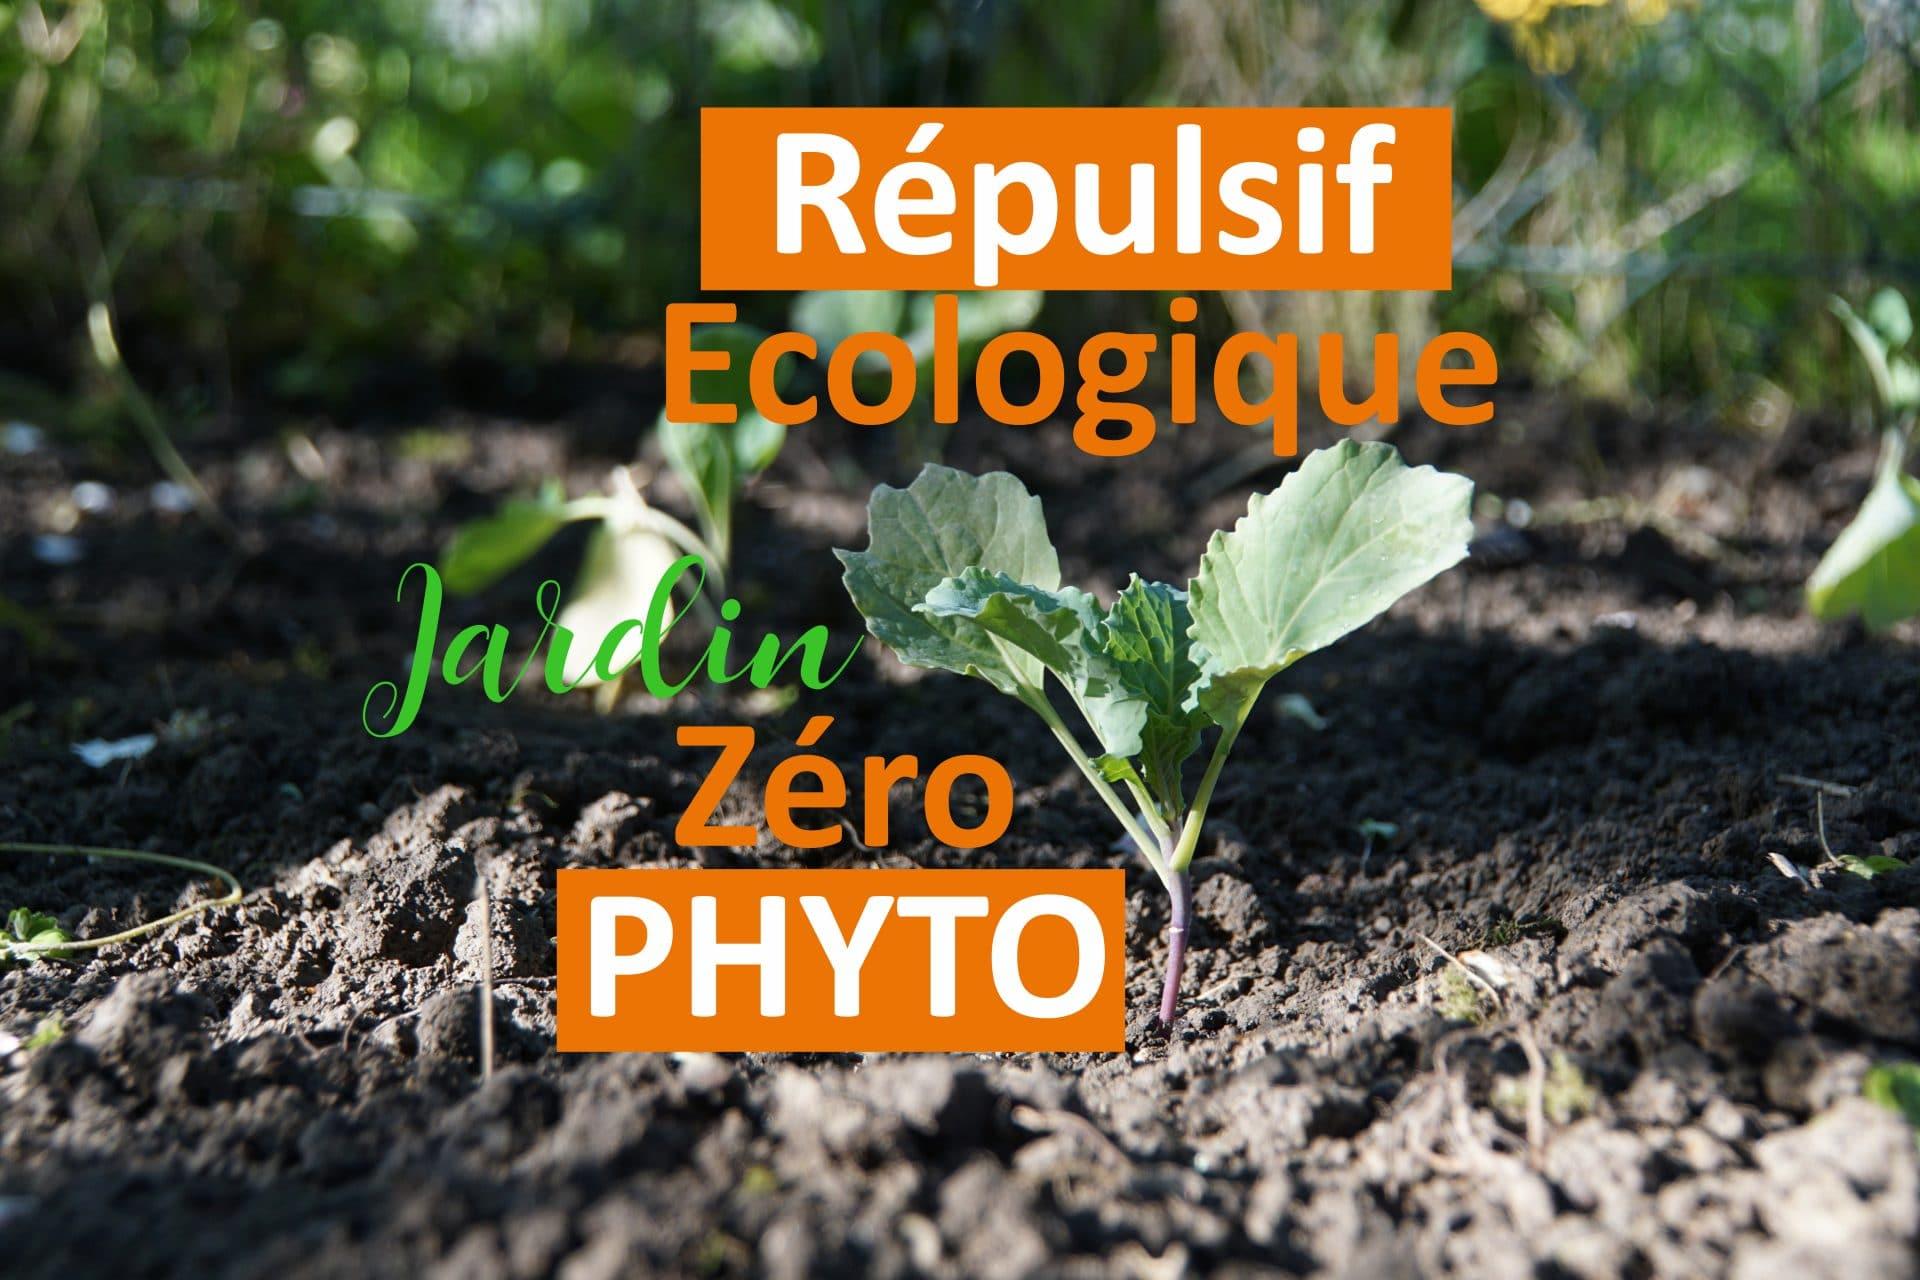 La solution pour remédier aux pesticides : les répulsifs écologiques Mundus®!